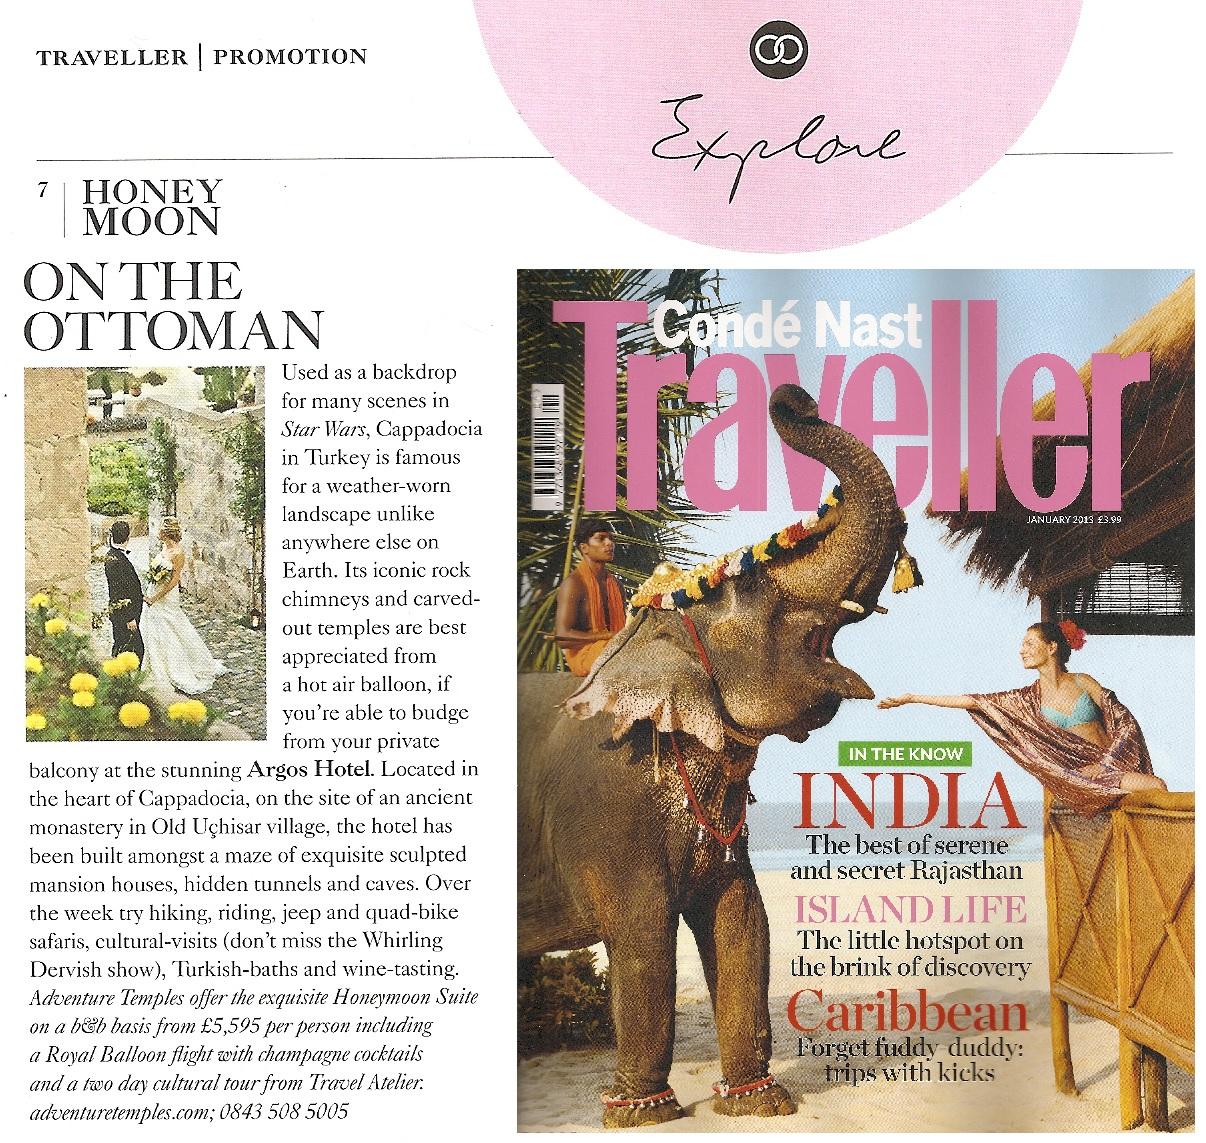 CondeNastTraveller Honeymoon Feature Jan 2013